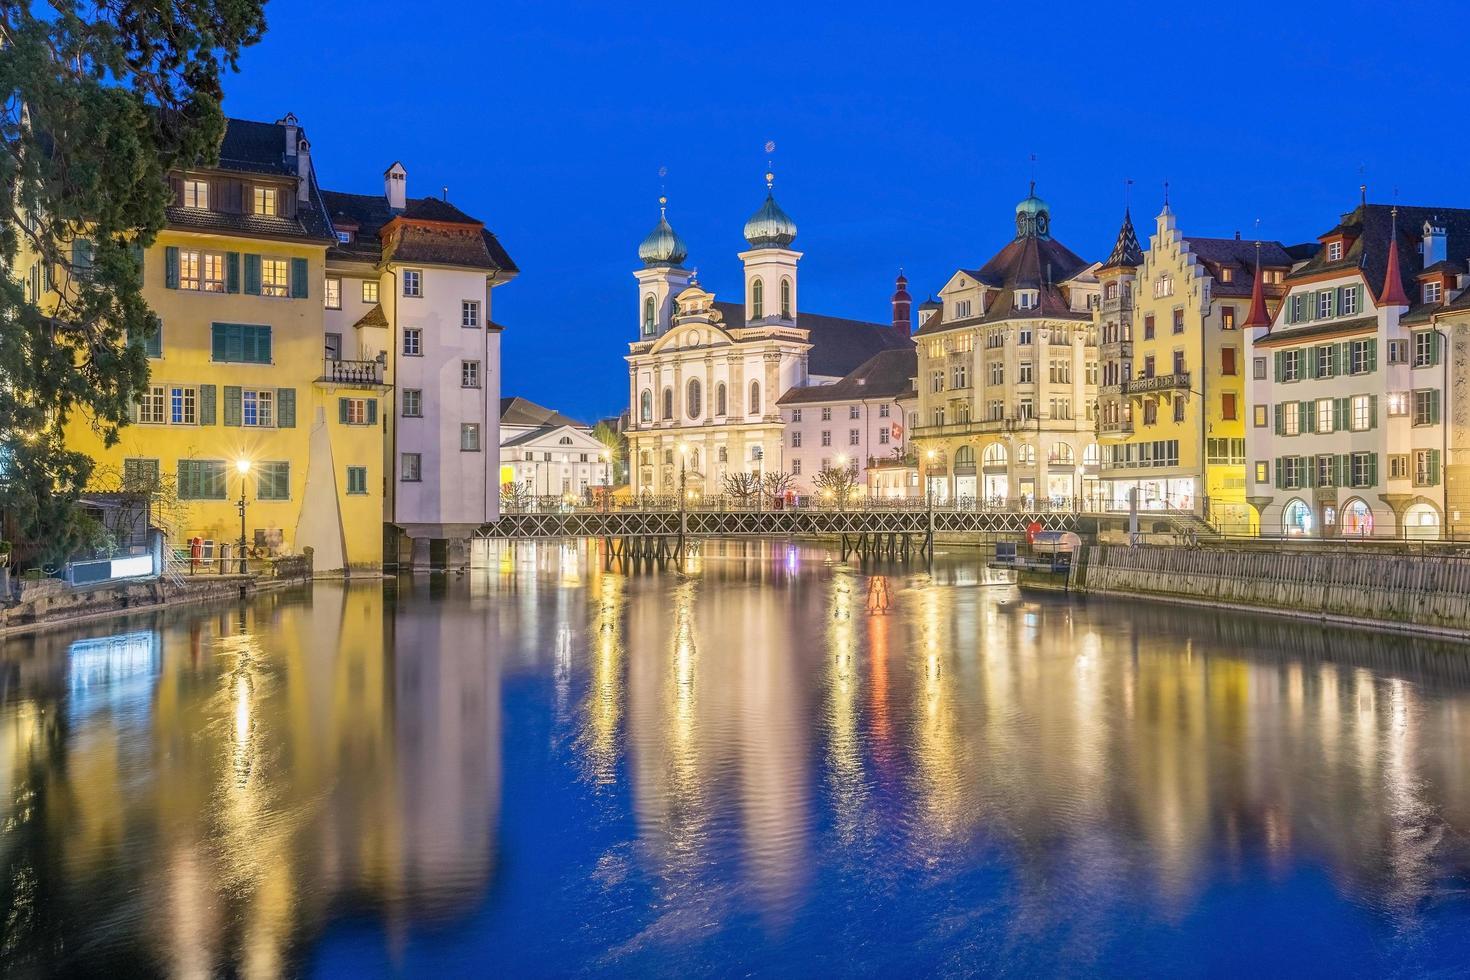 vista del centro storico della città di luzern, svizzera foto